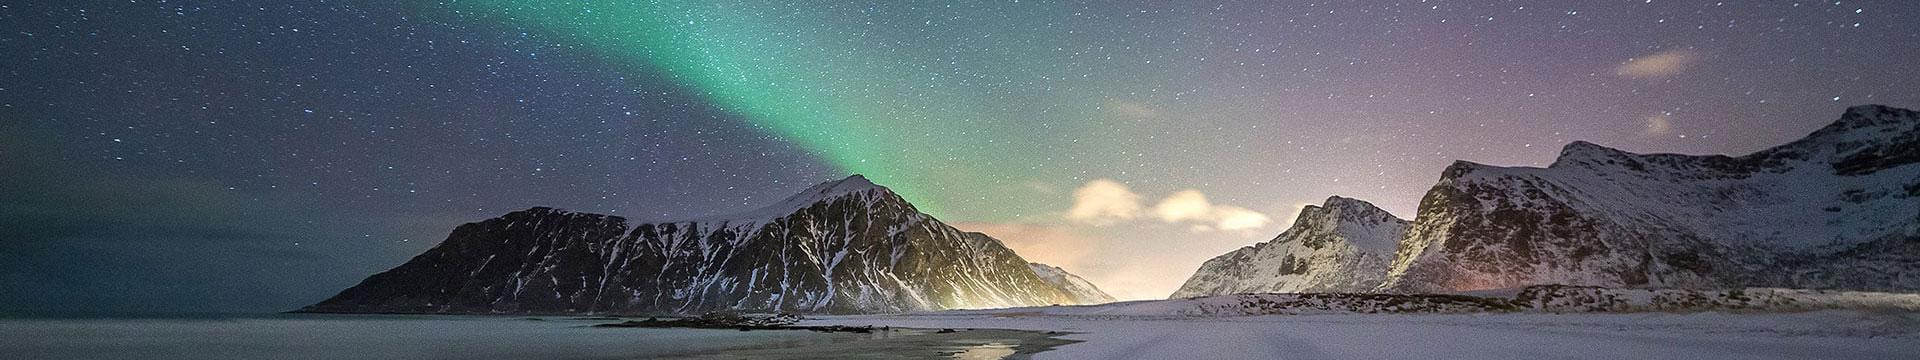 Полювання за полярним сяйвом на Лофотенах